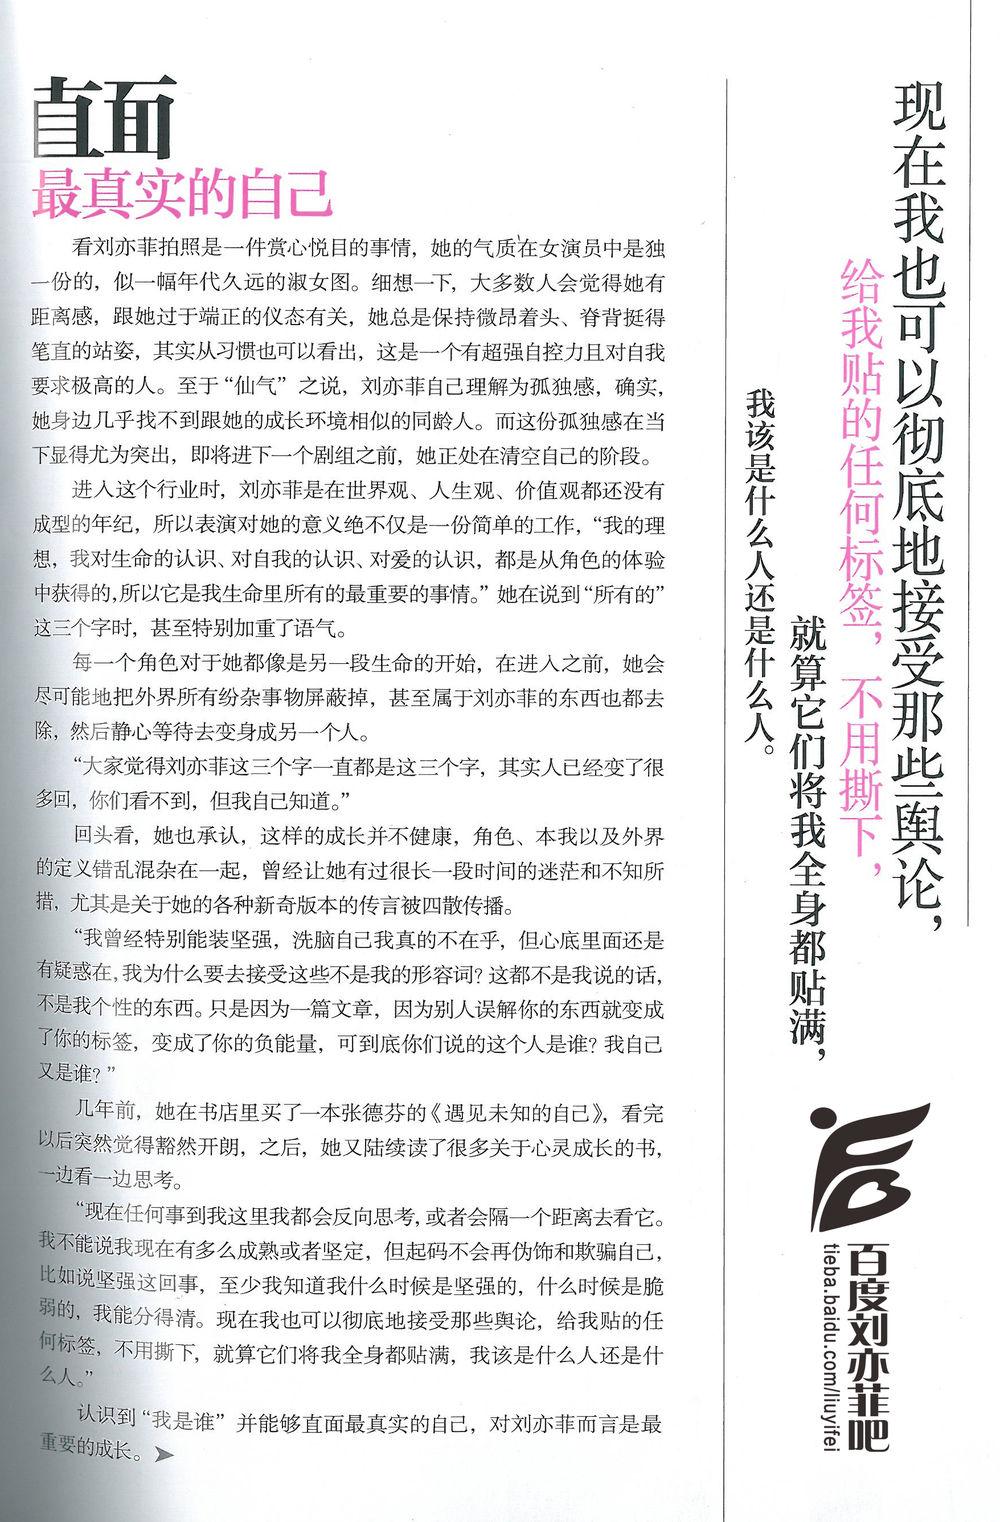 《芭莎珠宝》12月刊内页文字扫描版 《刘亦菲》[2015.12.14]